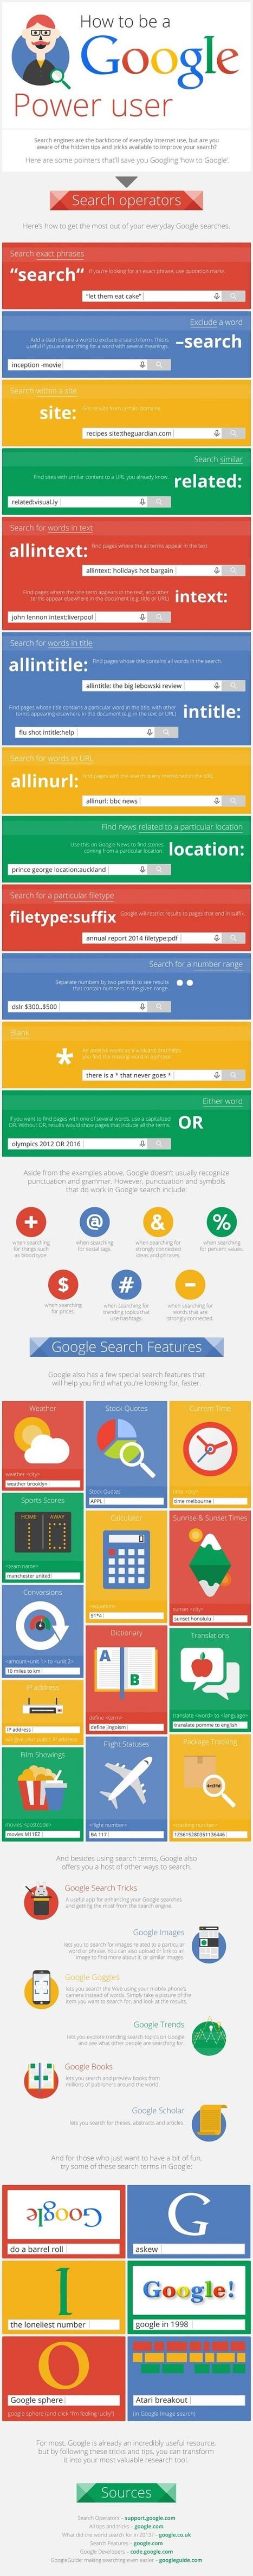 [Infographie] Google plus intelligent et plus Big Data que jamais ! - Webmarketing | Infographies divers et variées.... | Scoop.it